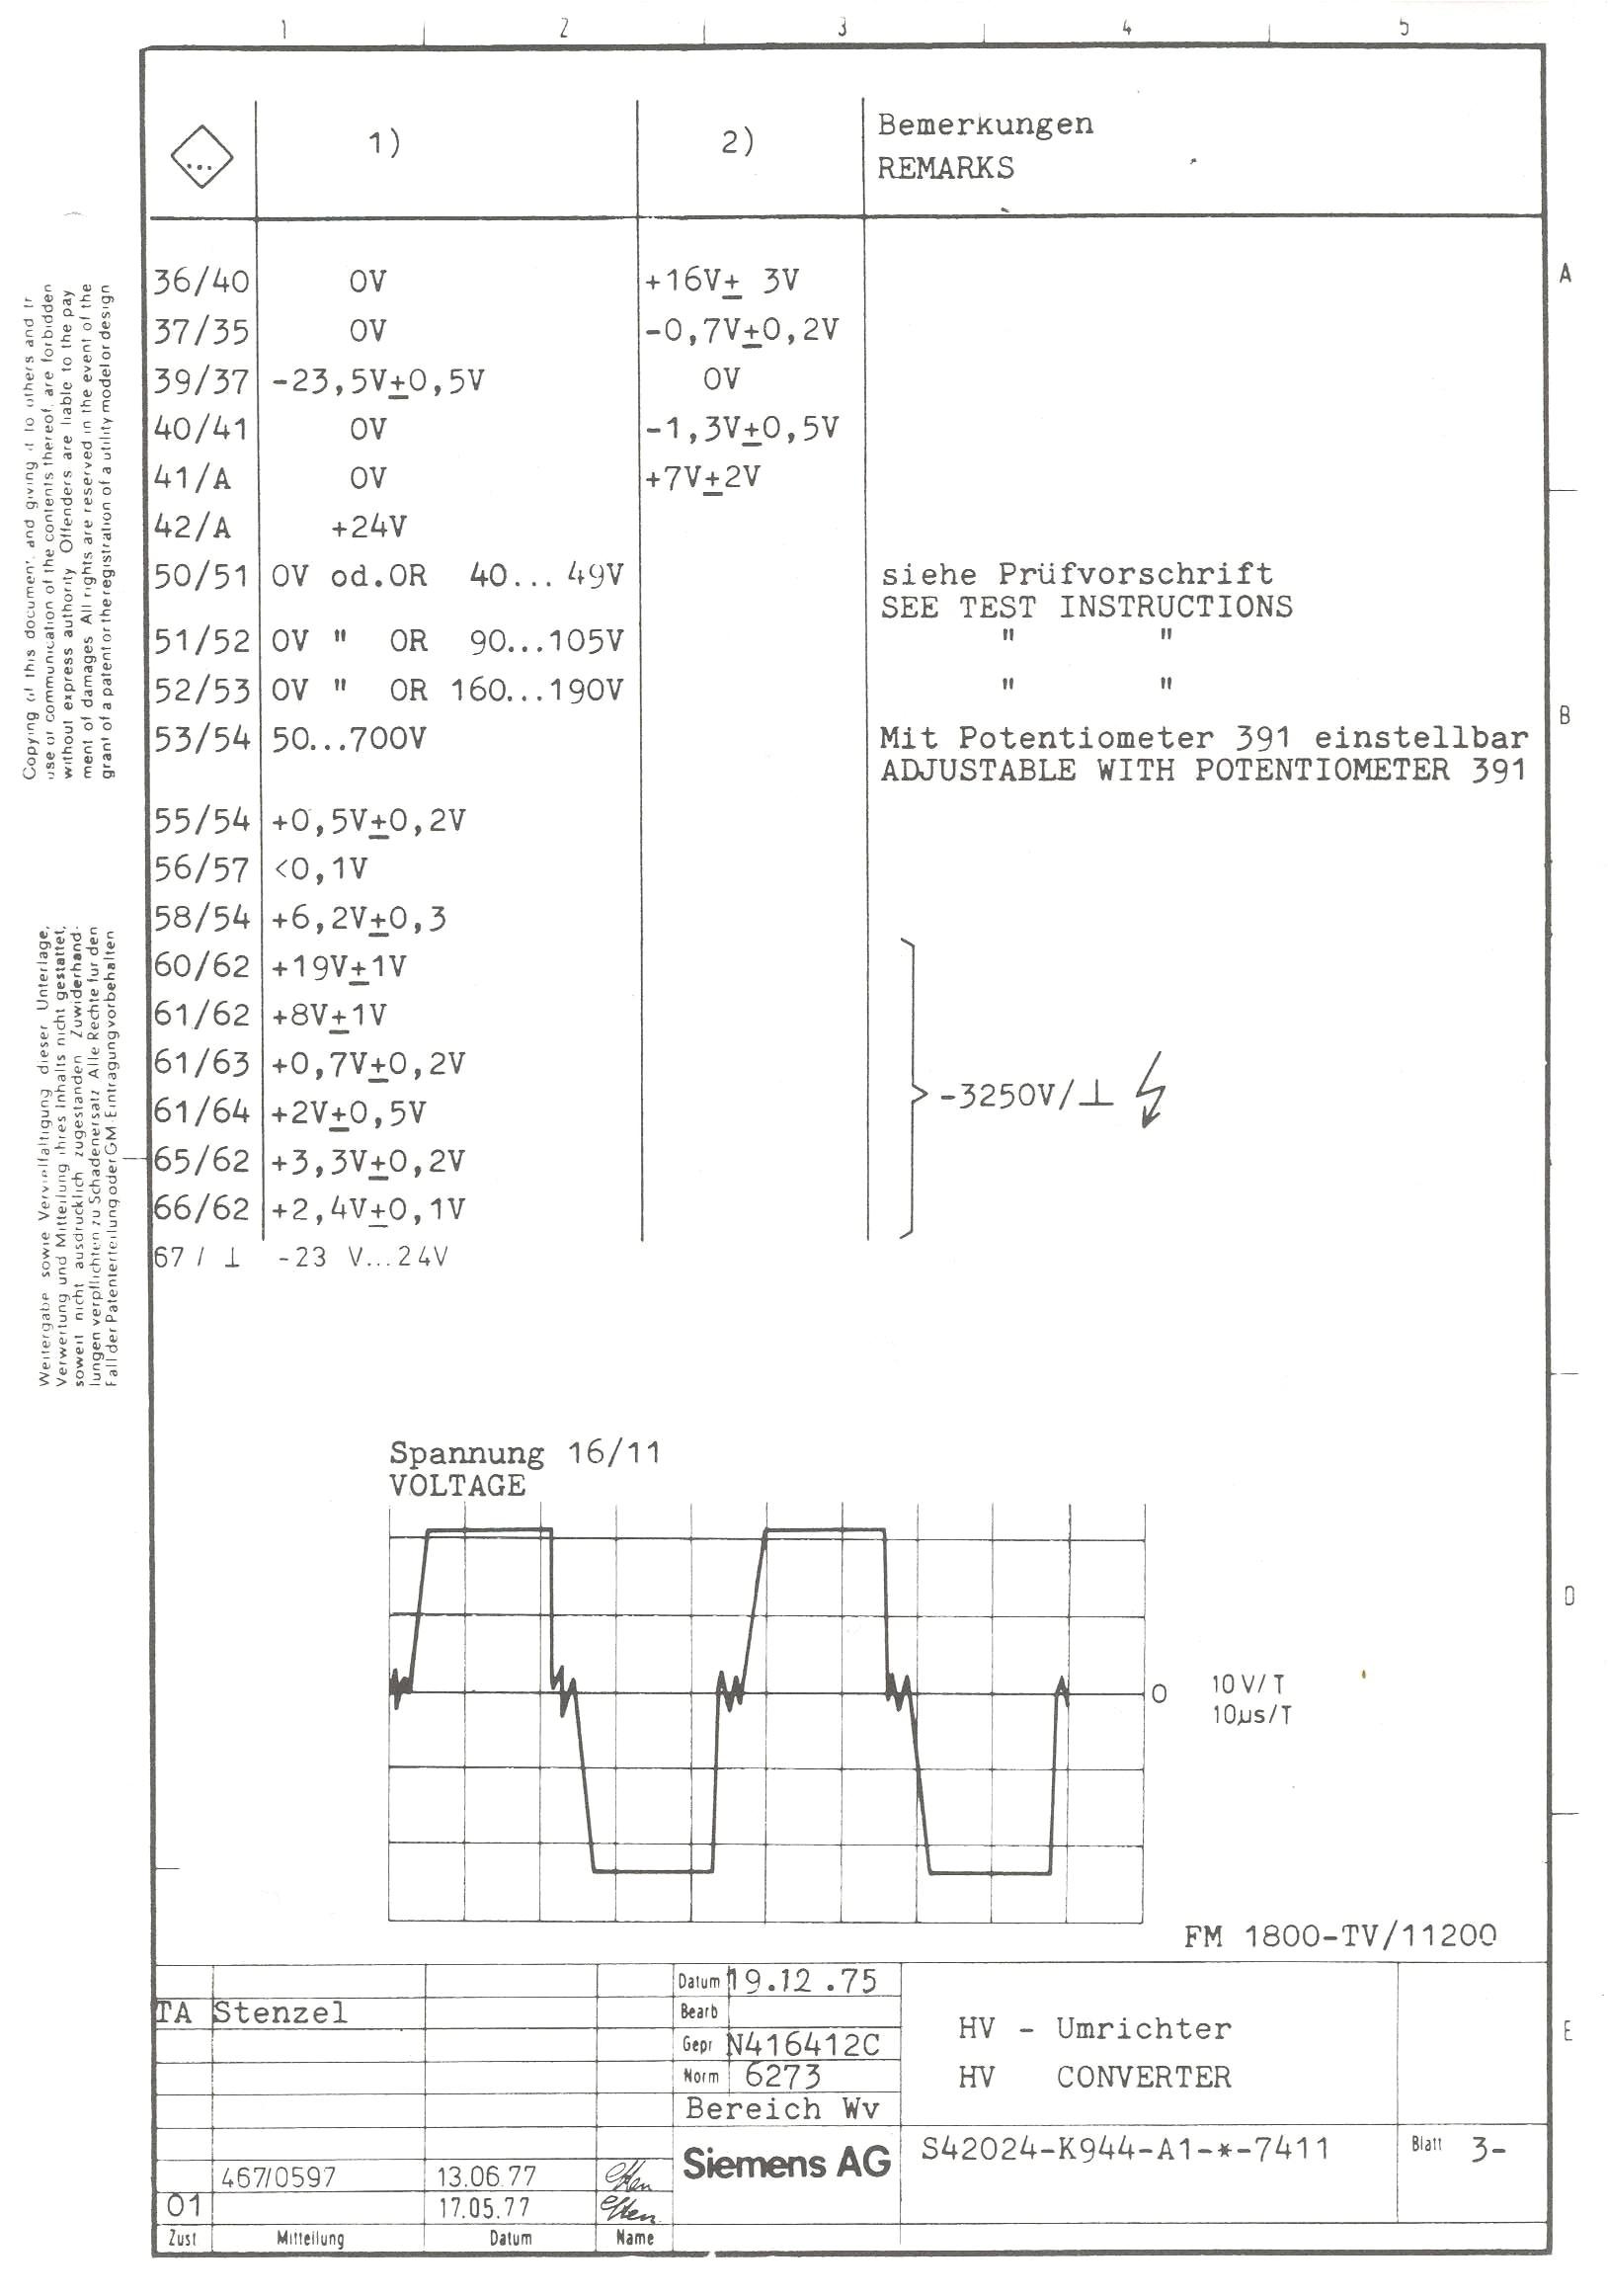 Kenwood Excelon Ddx7015 Wiring Diagram Kenwood Stereo Wiring Diagram Fresh Ddx7015 Wiring Diagram Luxury